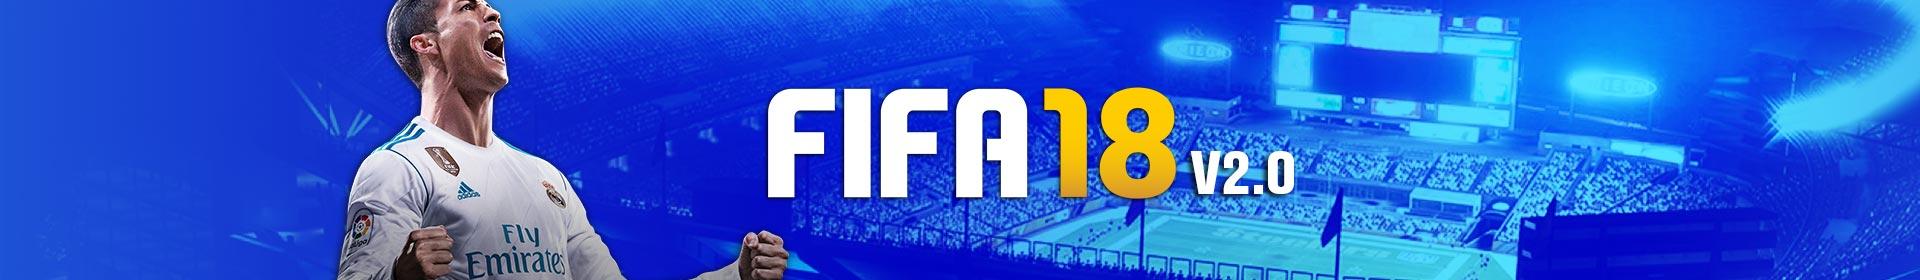 FIFA 18 Comfort Trade V2.0 (Safe Deliver)